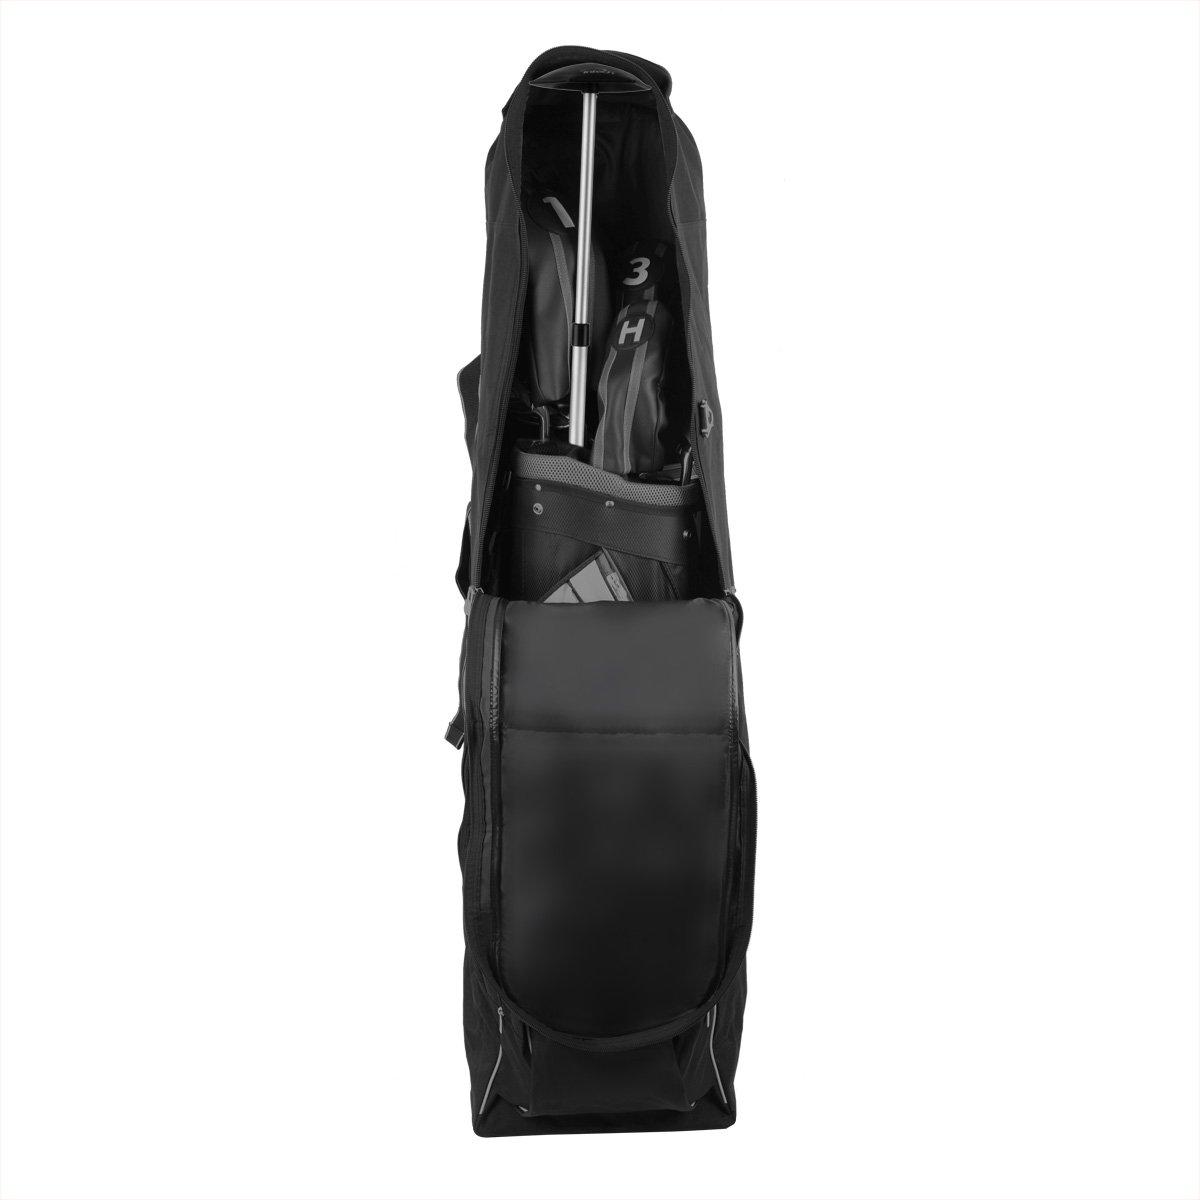 Intech Crossbar Golf Travel Bag Support Rod by Intech (Image #5)